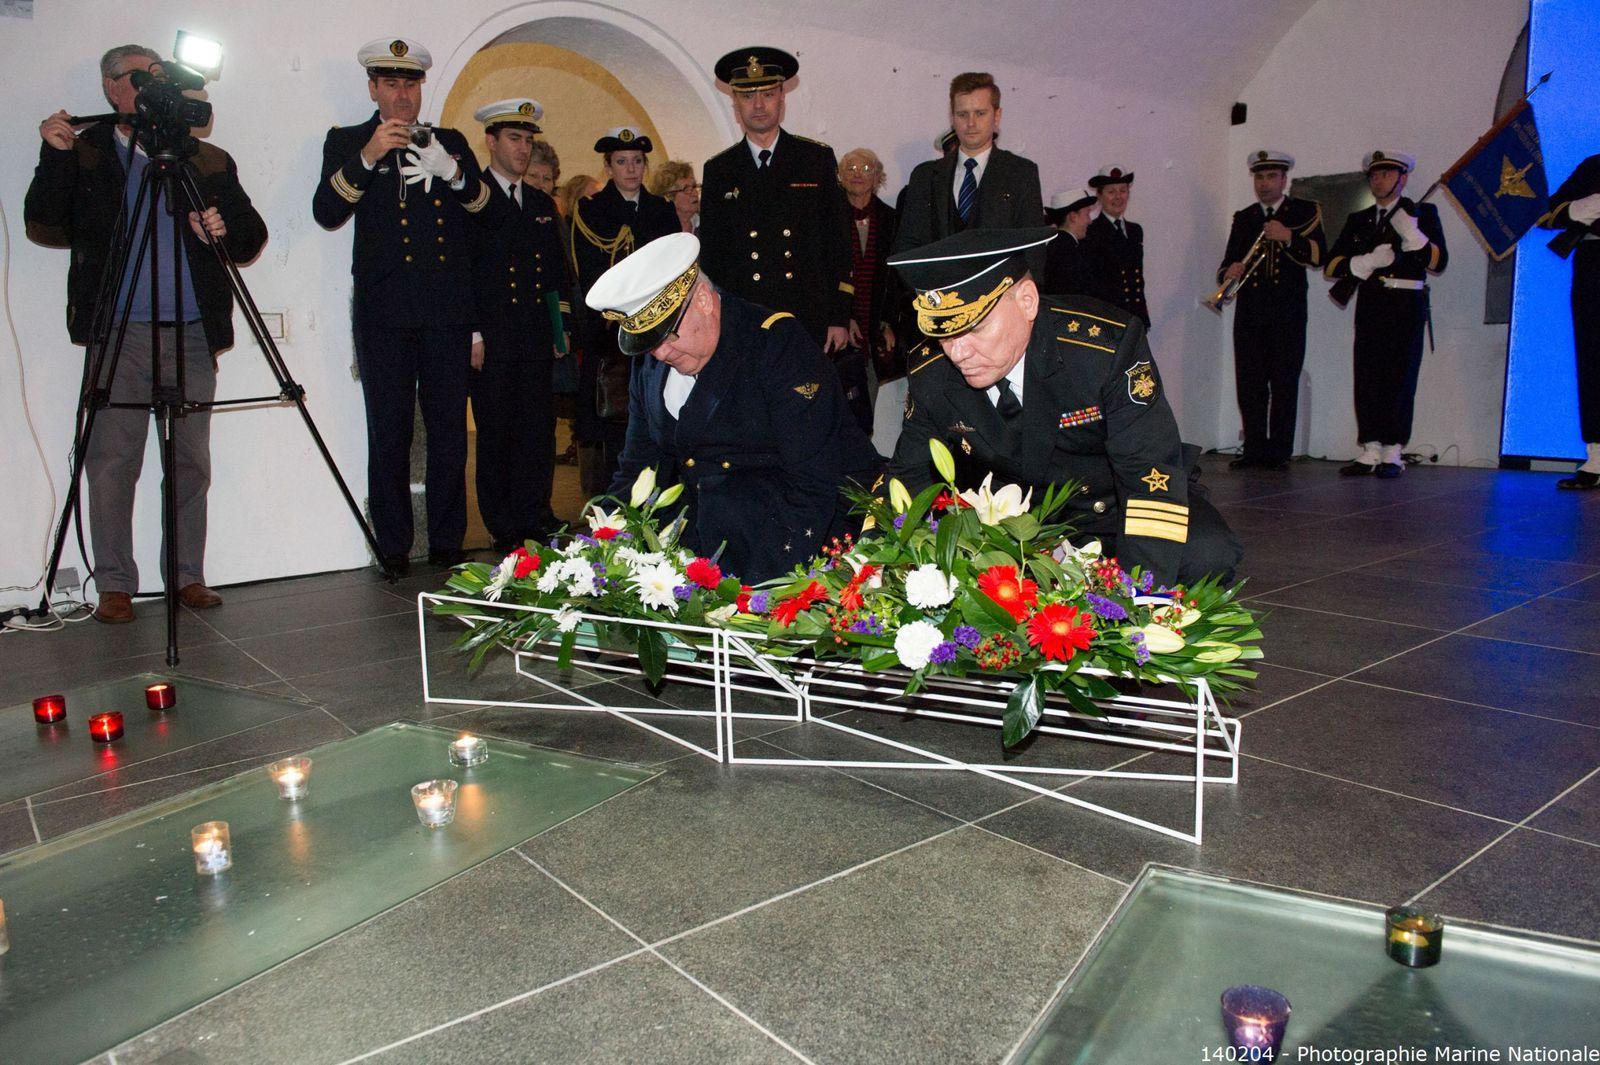 Visite du Vice-Amiral Kravchuk, commandant la flotte russe en Mer Baltique, pour un hommage commun aux marins français et russes morts pour leur pays. photographies : Marine Nationale - ass. aux marins : N. Agéa - T. Basiorek - J.J. Tréguer